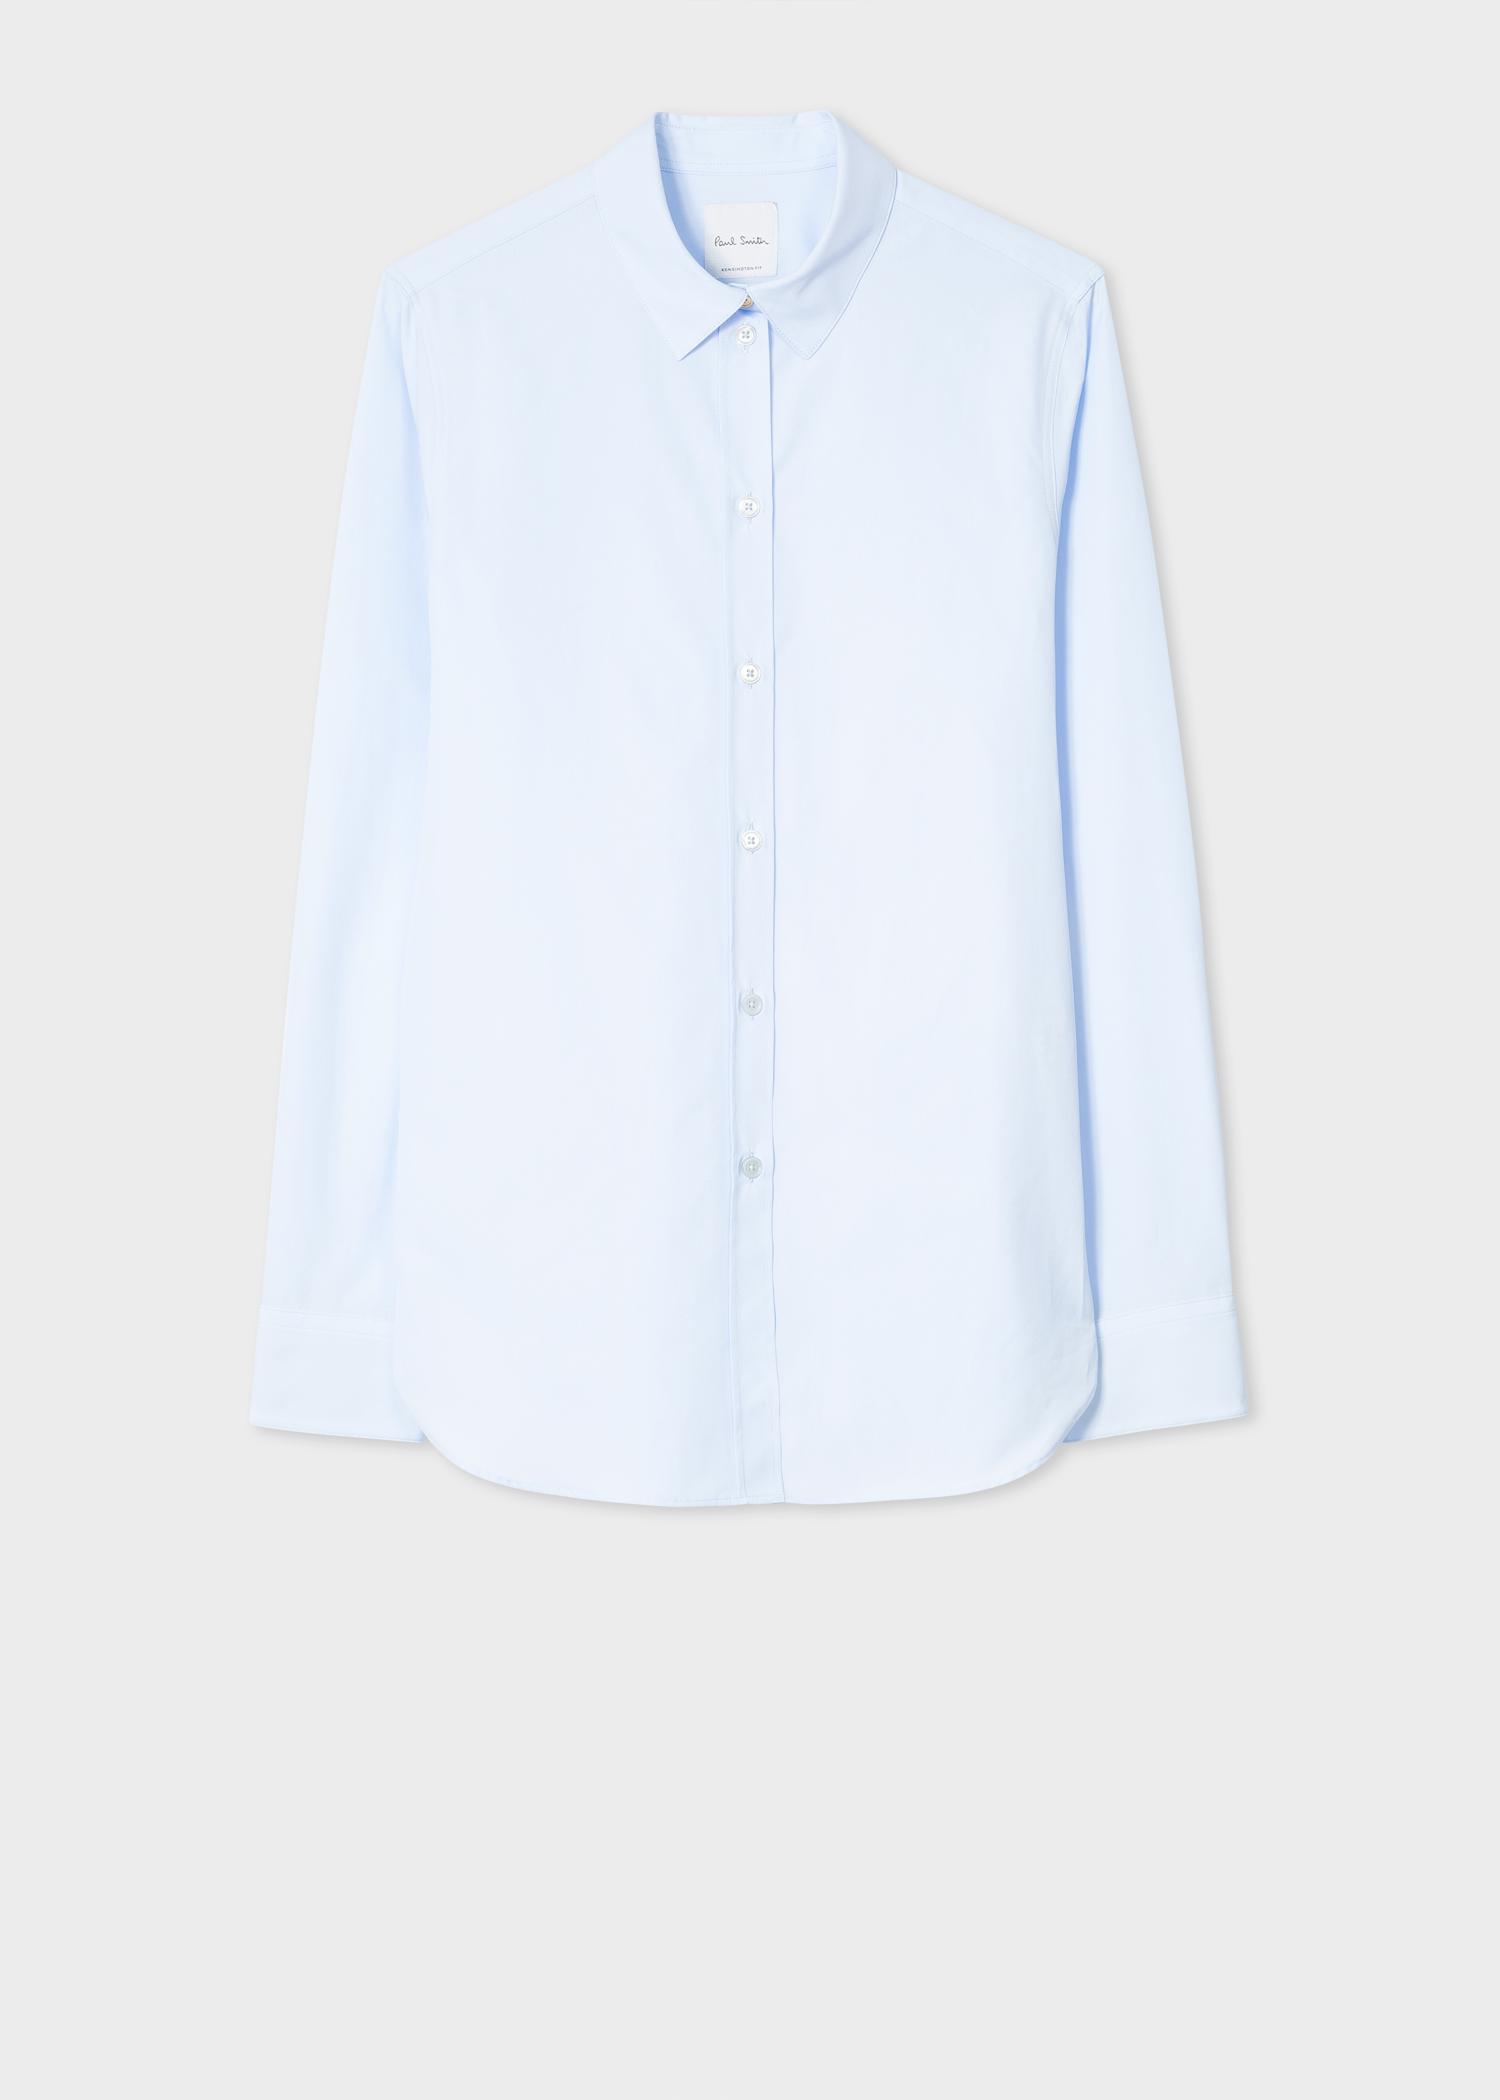 Fit raya vista para azul de Slim y claro con Camisa de artista frontal mujeres algodón n7XZqnU